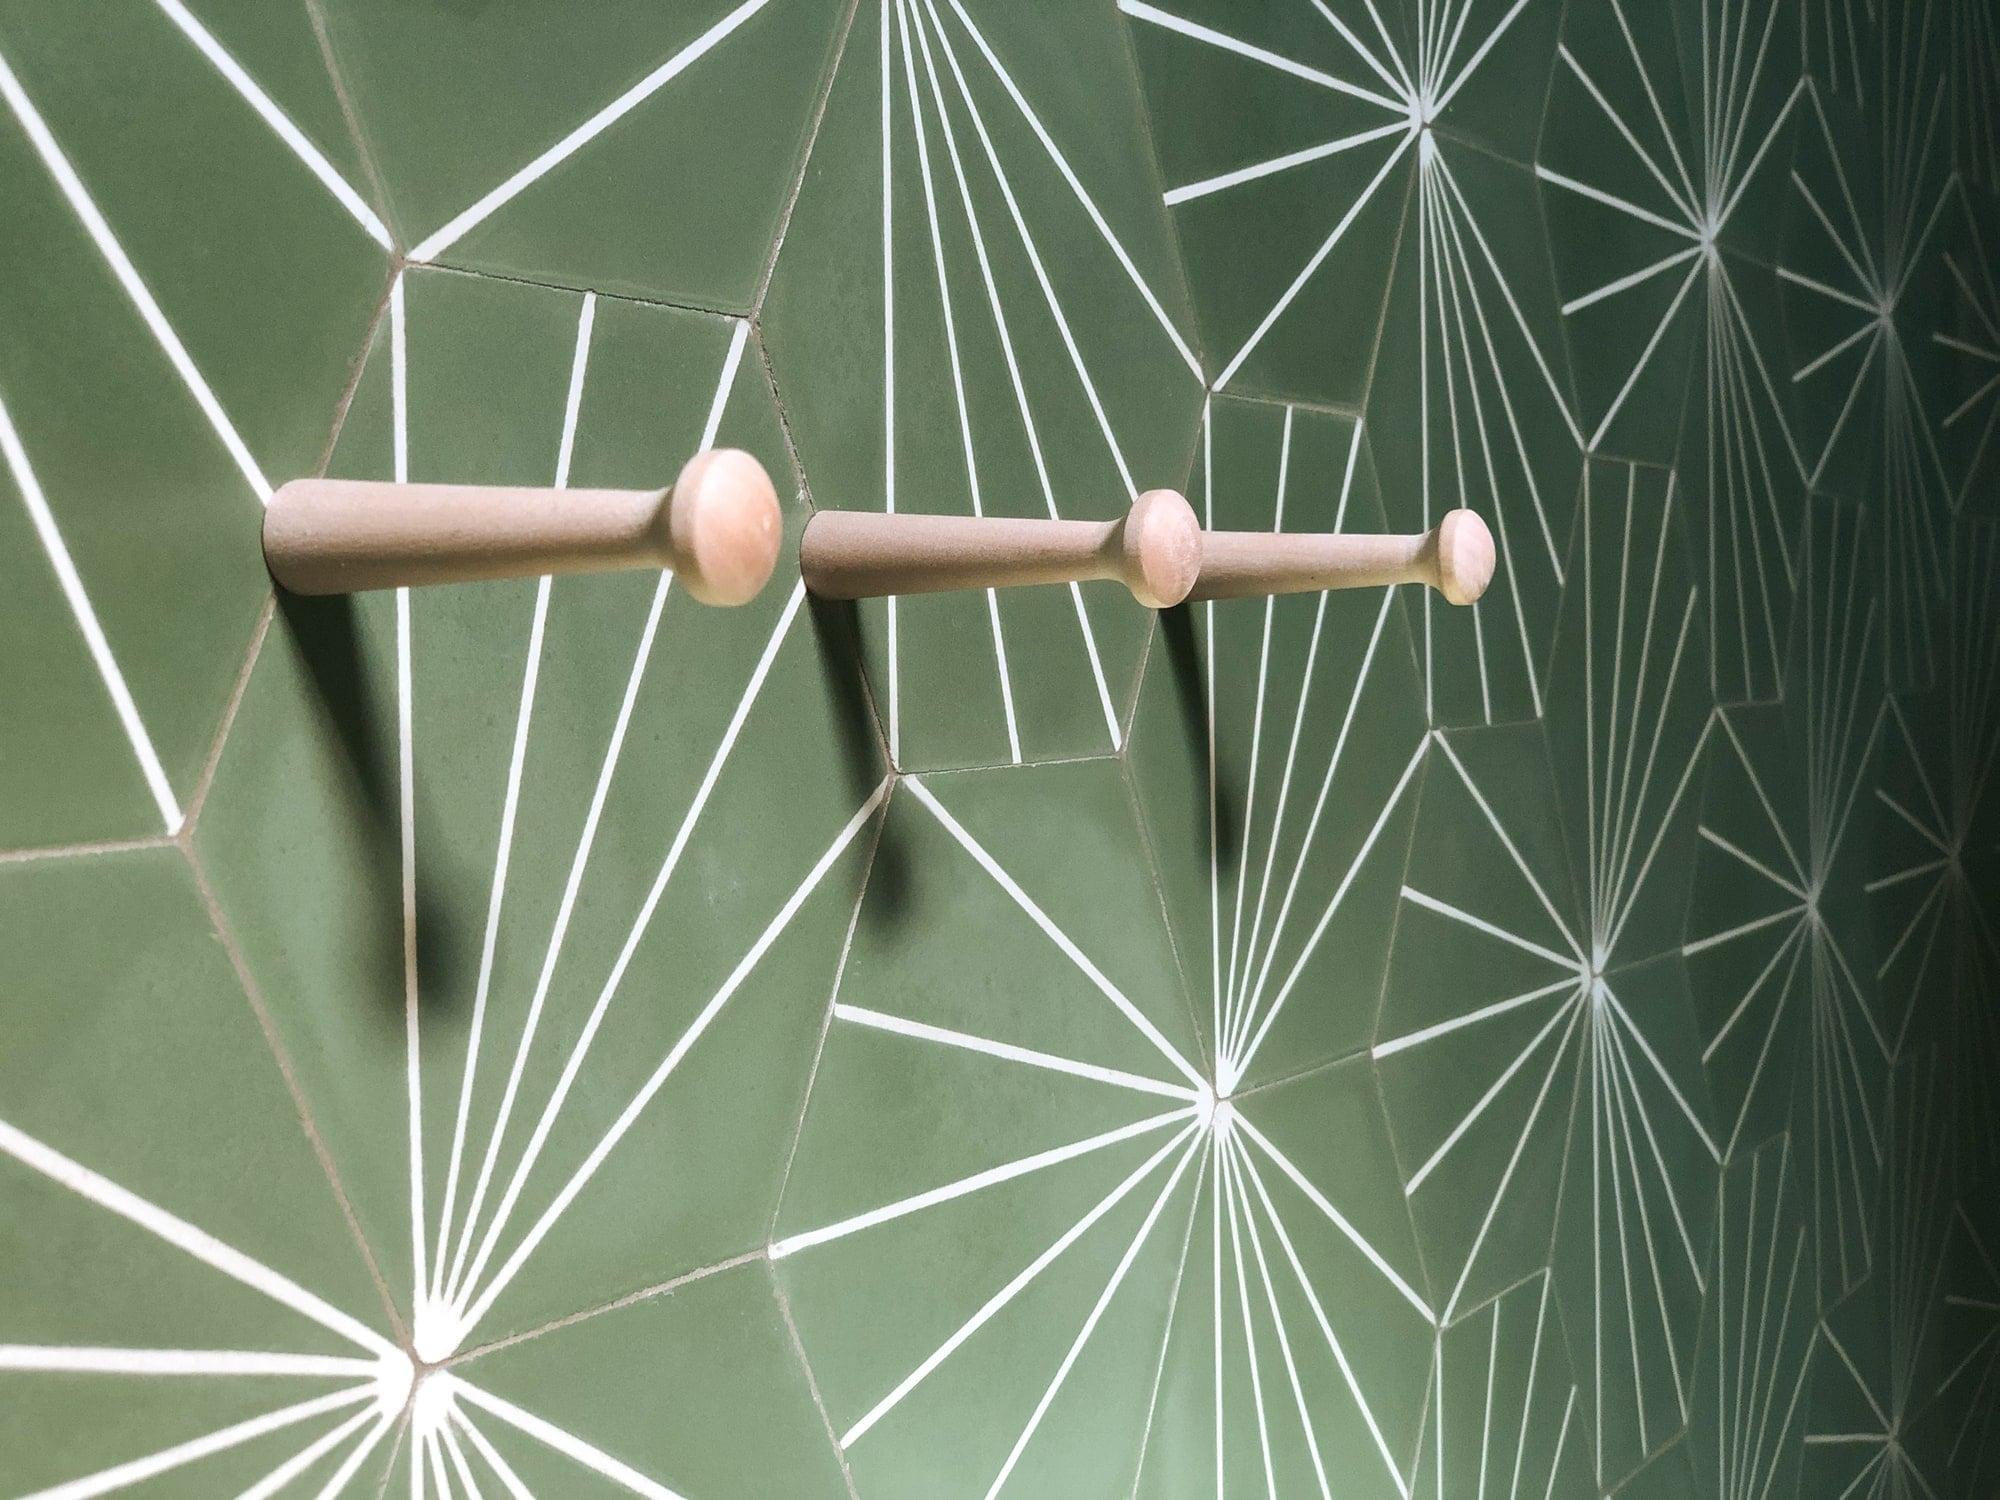 zementfliesen-nummer-600853-sechseck-wandbelag-viaplatten |